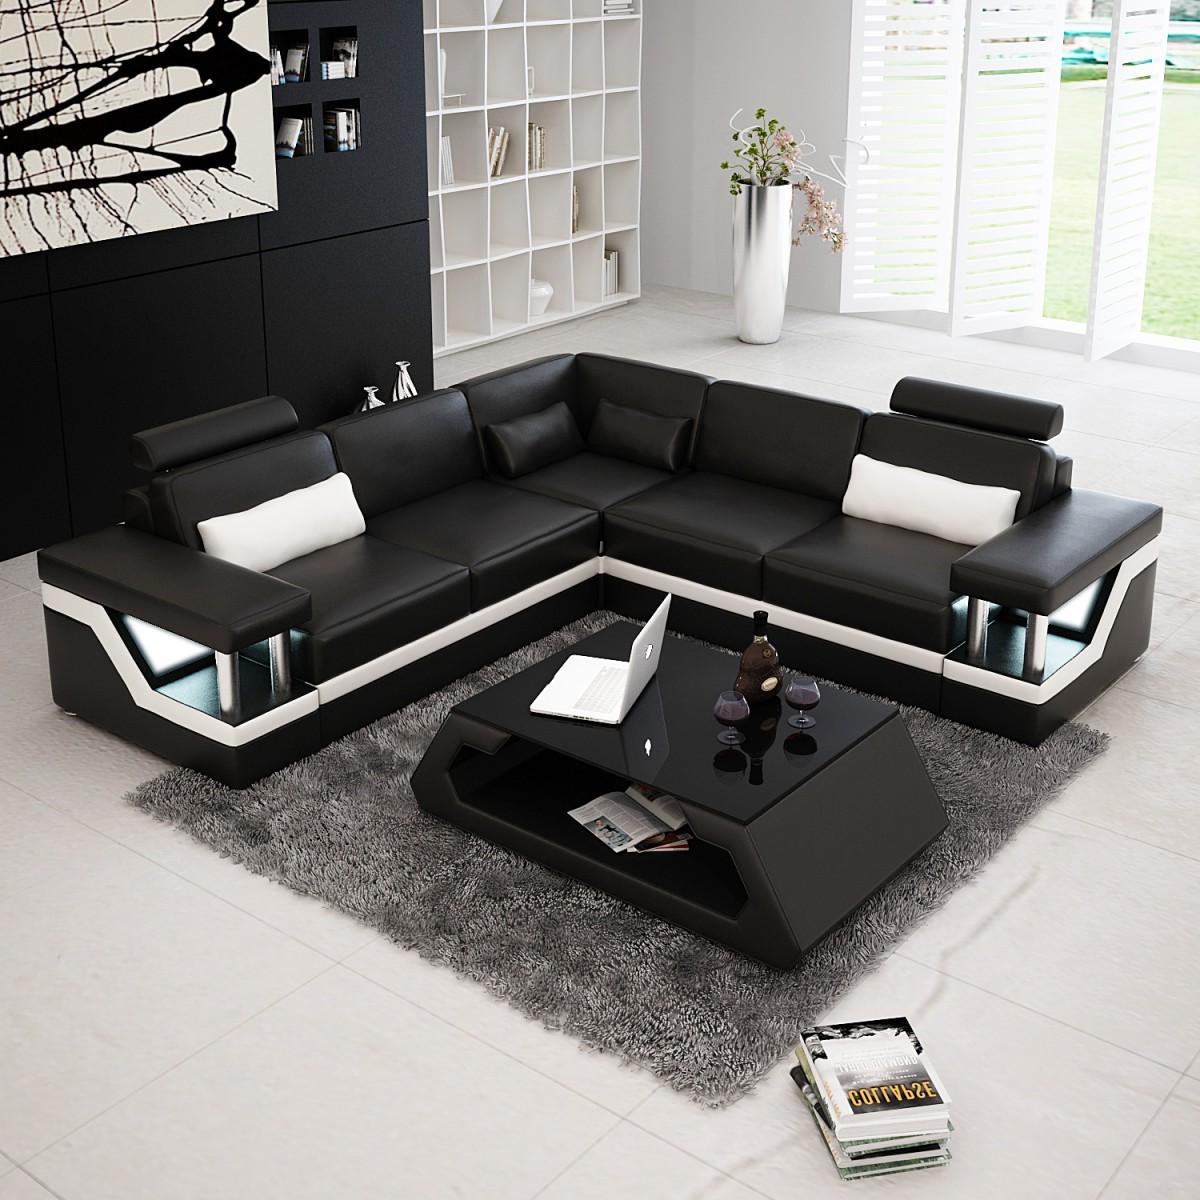 Canapé D'angle Cuir Noir Et Blanc